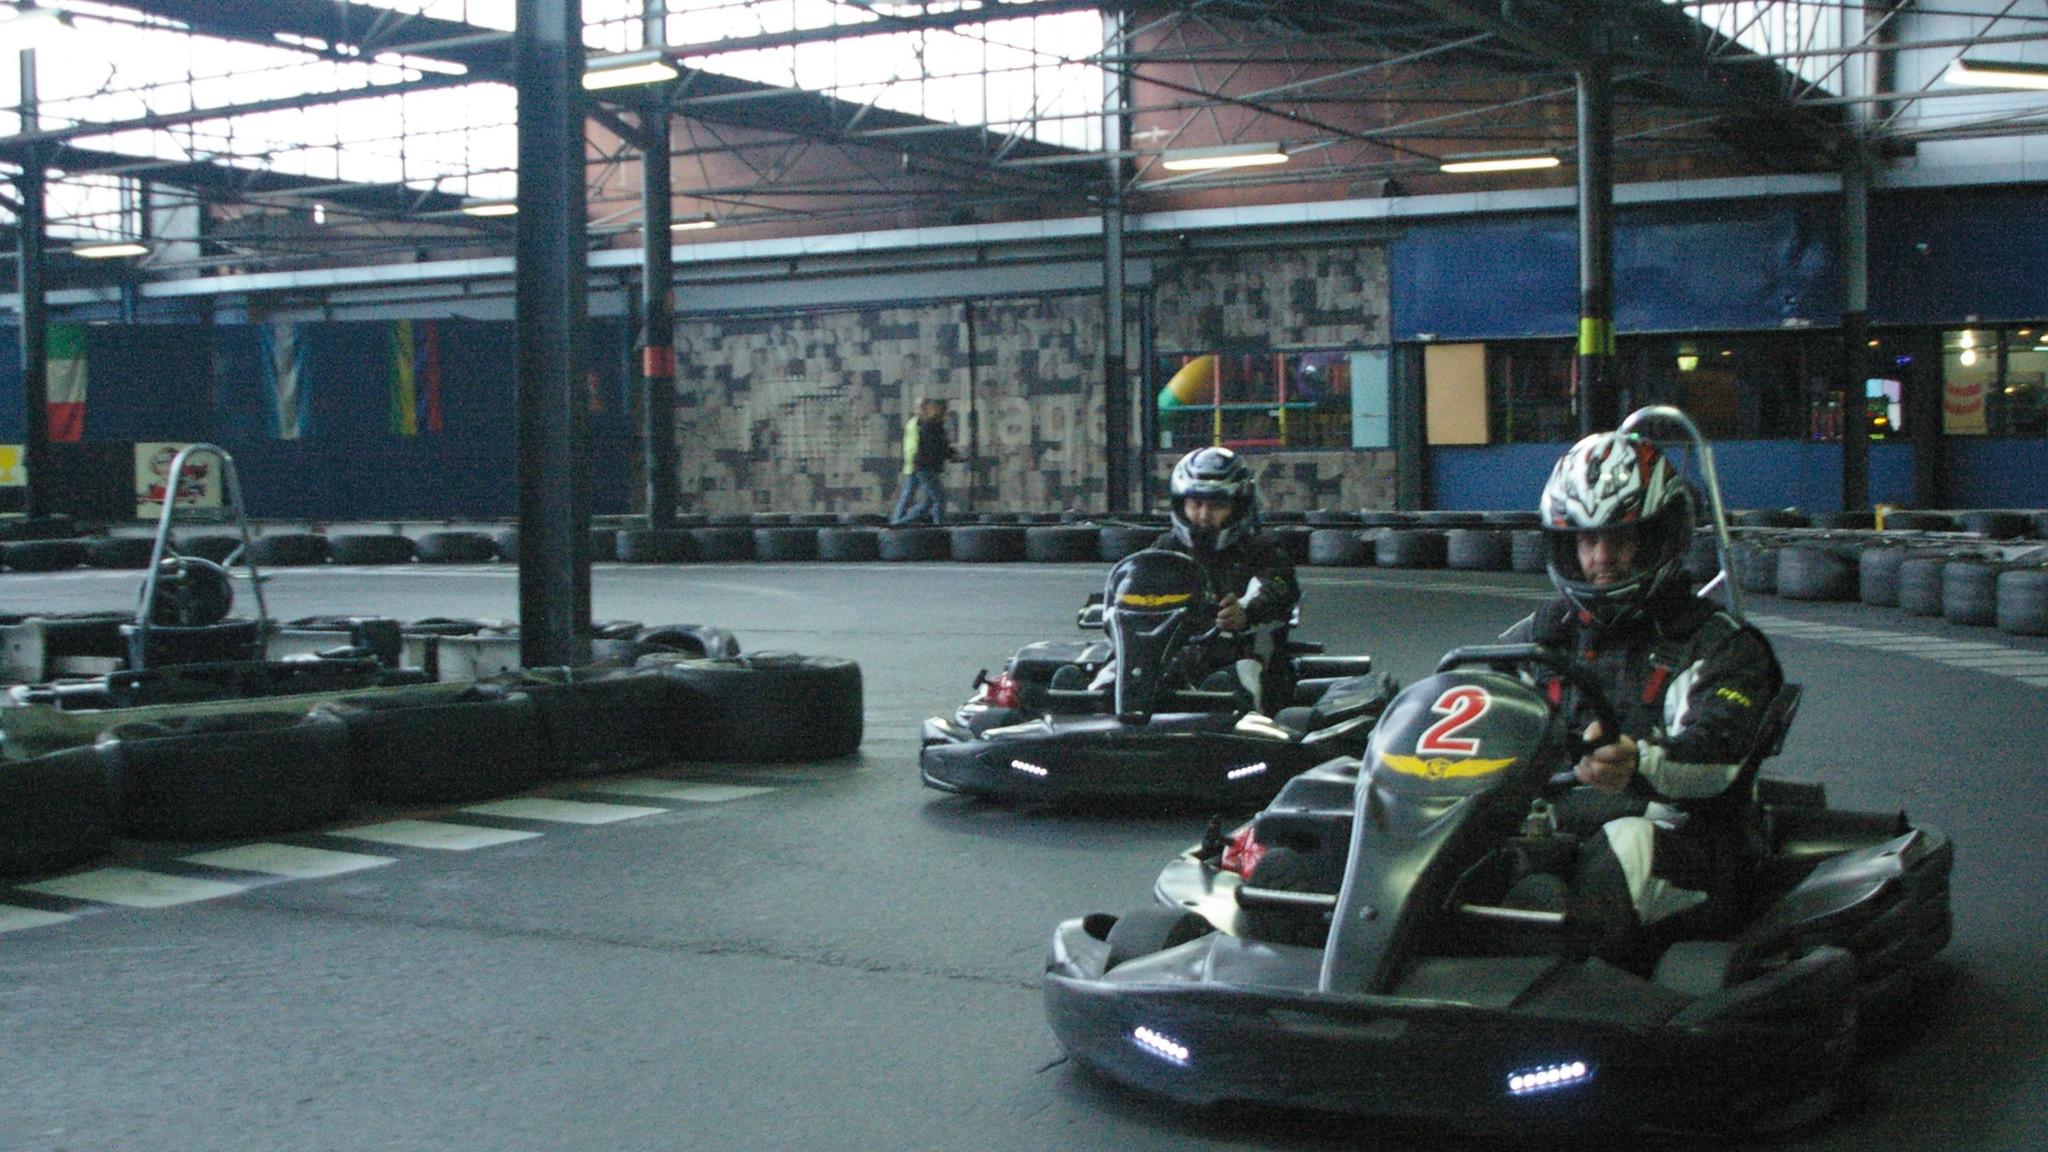 Go Kart Racing indoors, Huge indoor racetrack built for groups and families